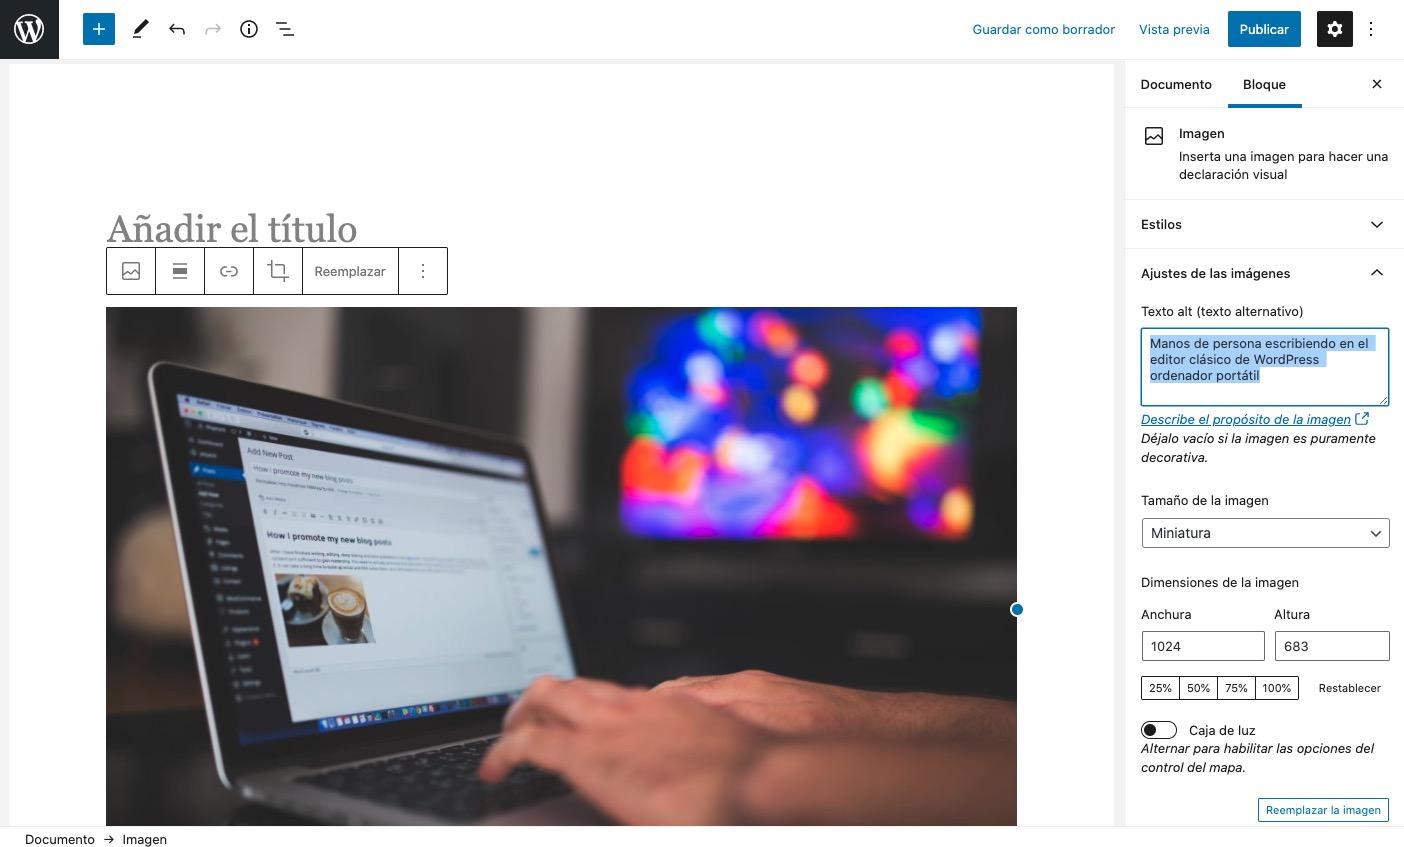 manos tecleando en ordenador portátil con editor clásico de WordPress